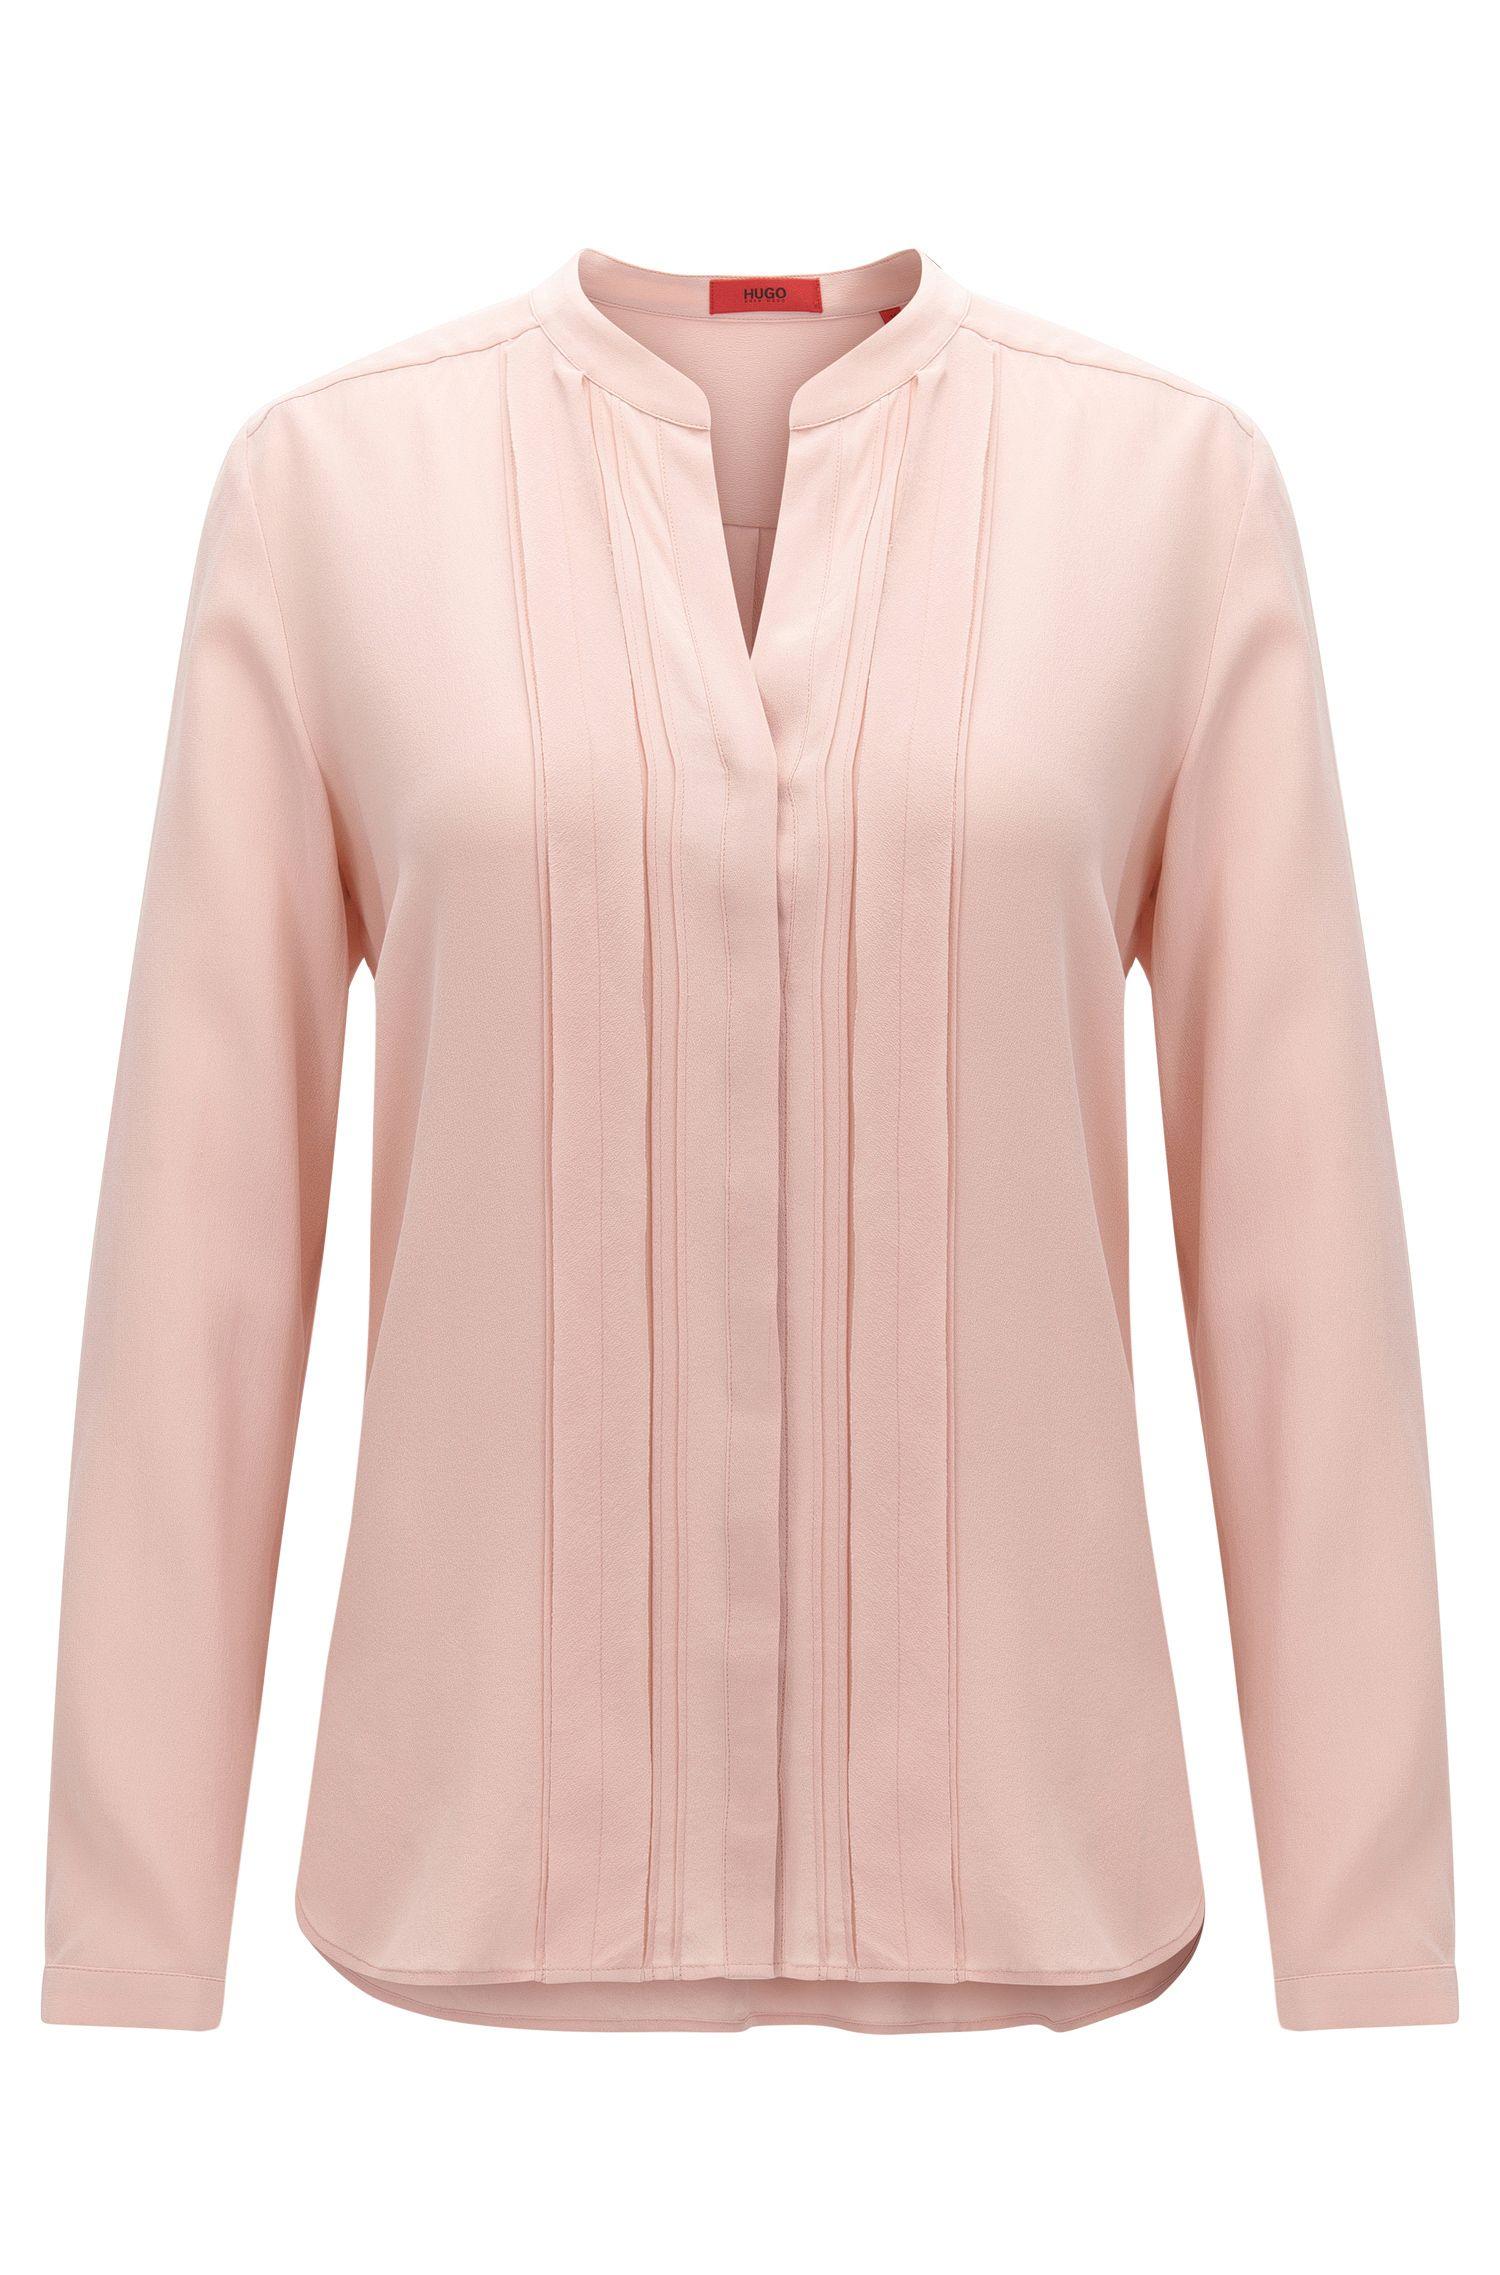 Blusa de seda relaxed fit con detalle de gasa